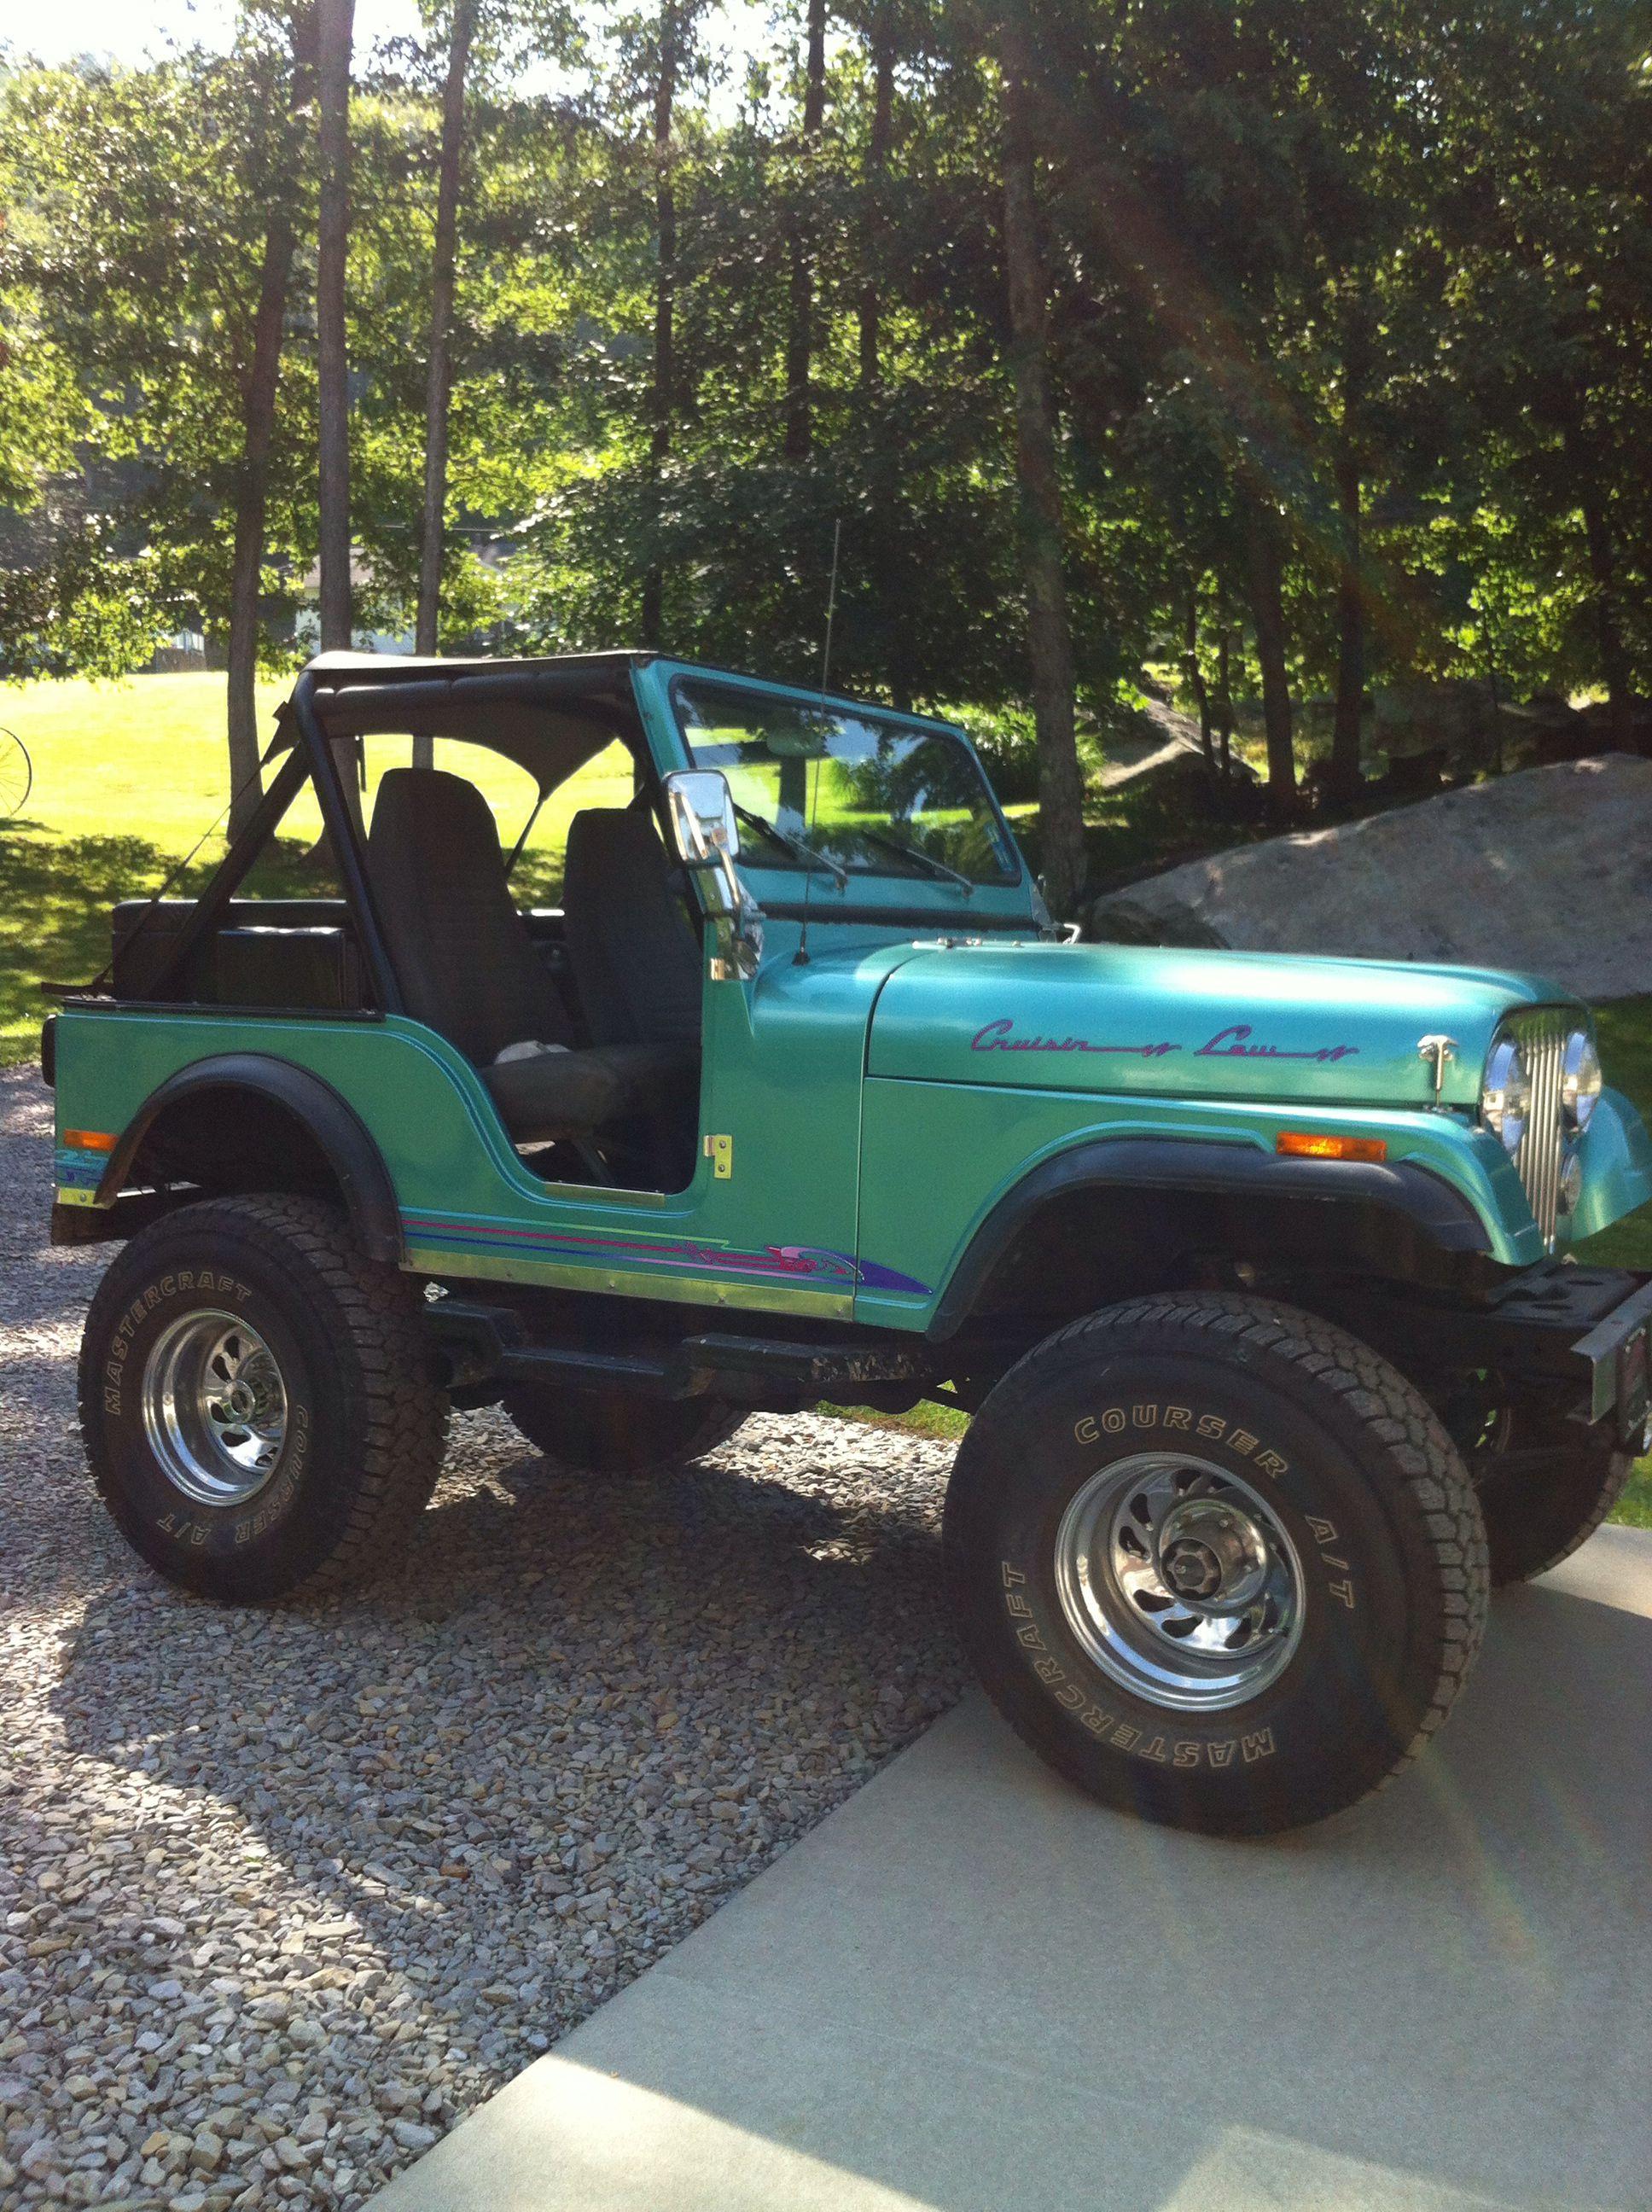 1980 CJ5 Jeep - looks like Bill\'s old CJ | jeep w | Pinterest | Cj5 ...